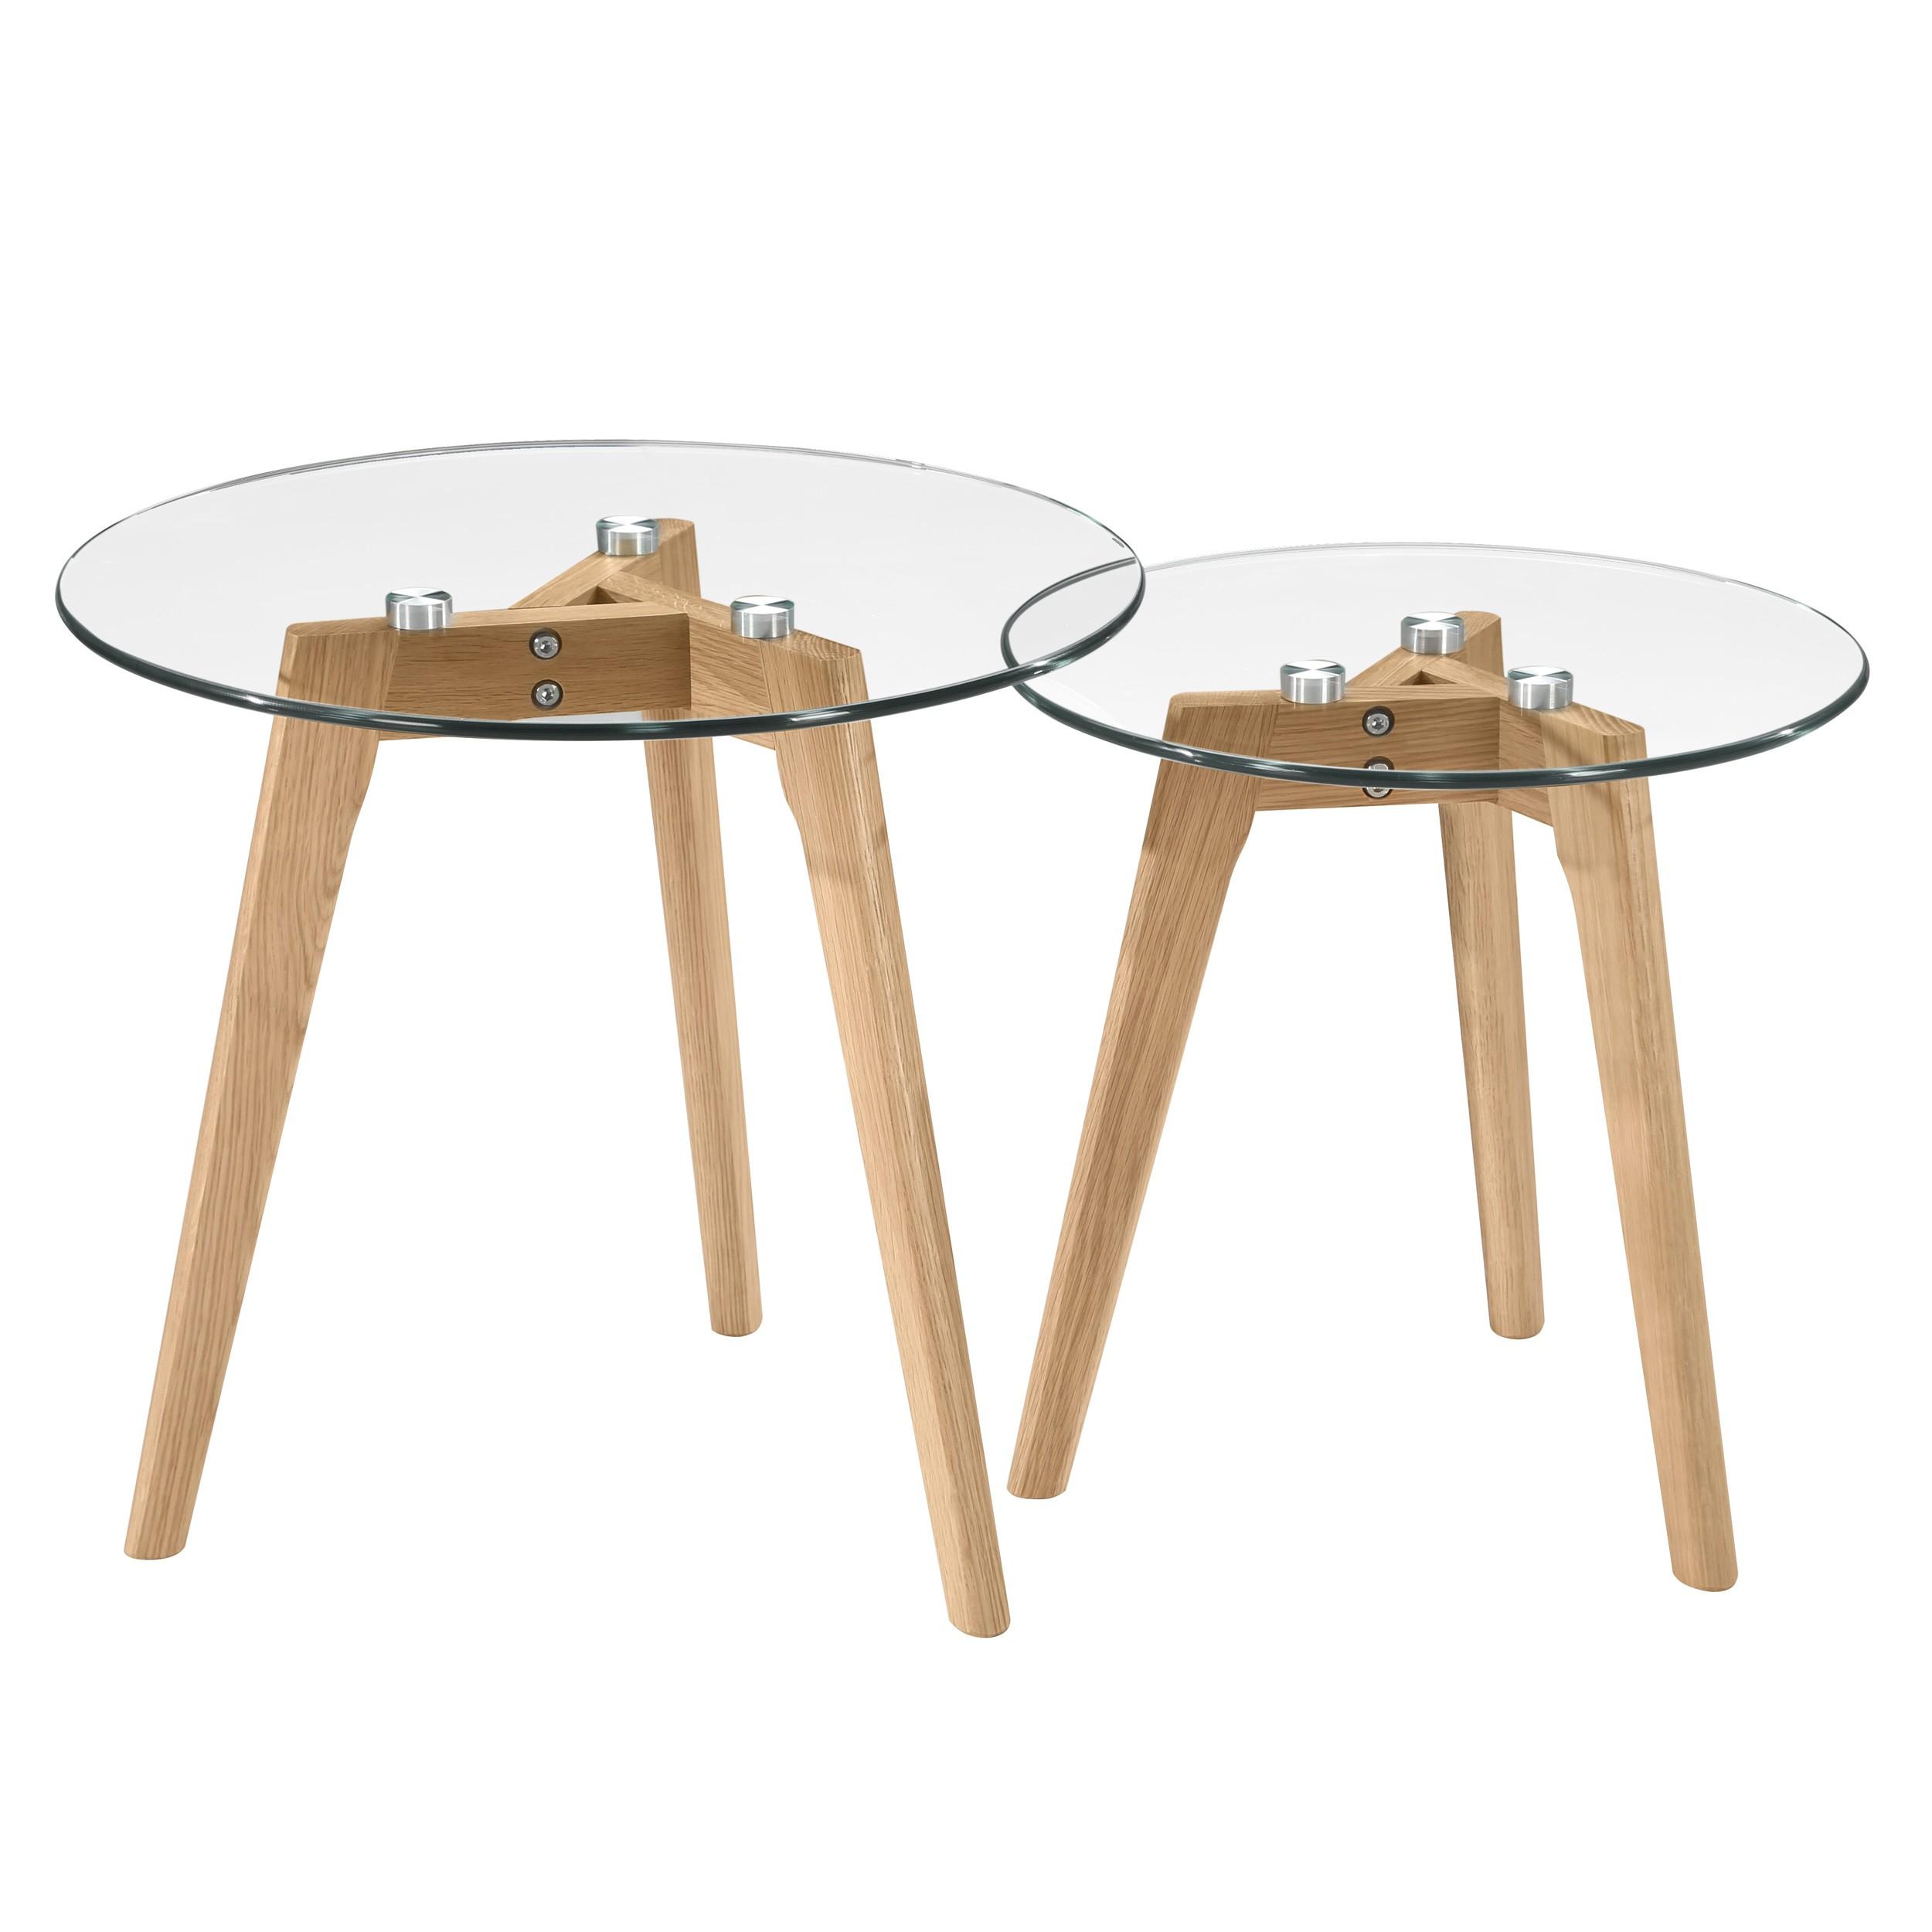 table basse ronde bilto lot de 2 achetez les tables basses rondes bilto lot de 2 rdv d co. Black Bedroom Furniture Sets. Home Design Ideas